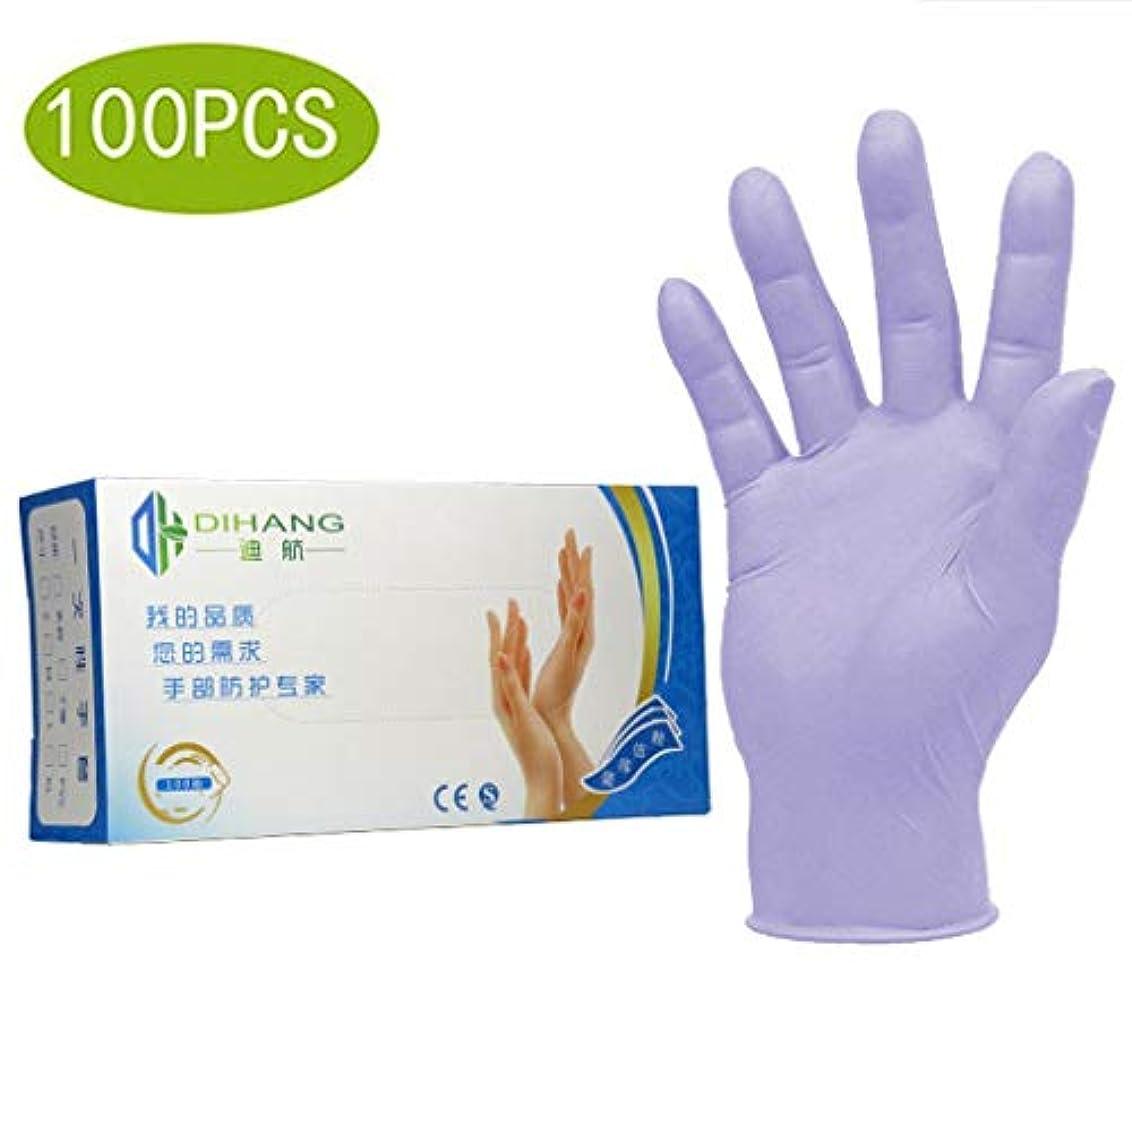 リフトびっくりした精神100倍使い捨て手袋耐酸性および耐アルカリ性試験軽量安全フィットニトリル手袋中粉末フリーラテックスフリーライト作業清掃園芸医療用グレードタトゥーパーソナル (Size : S)